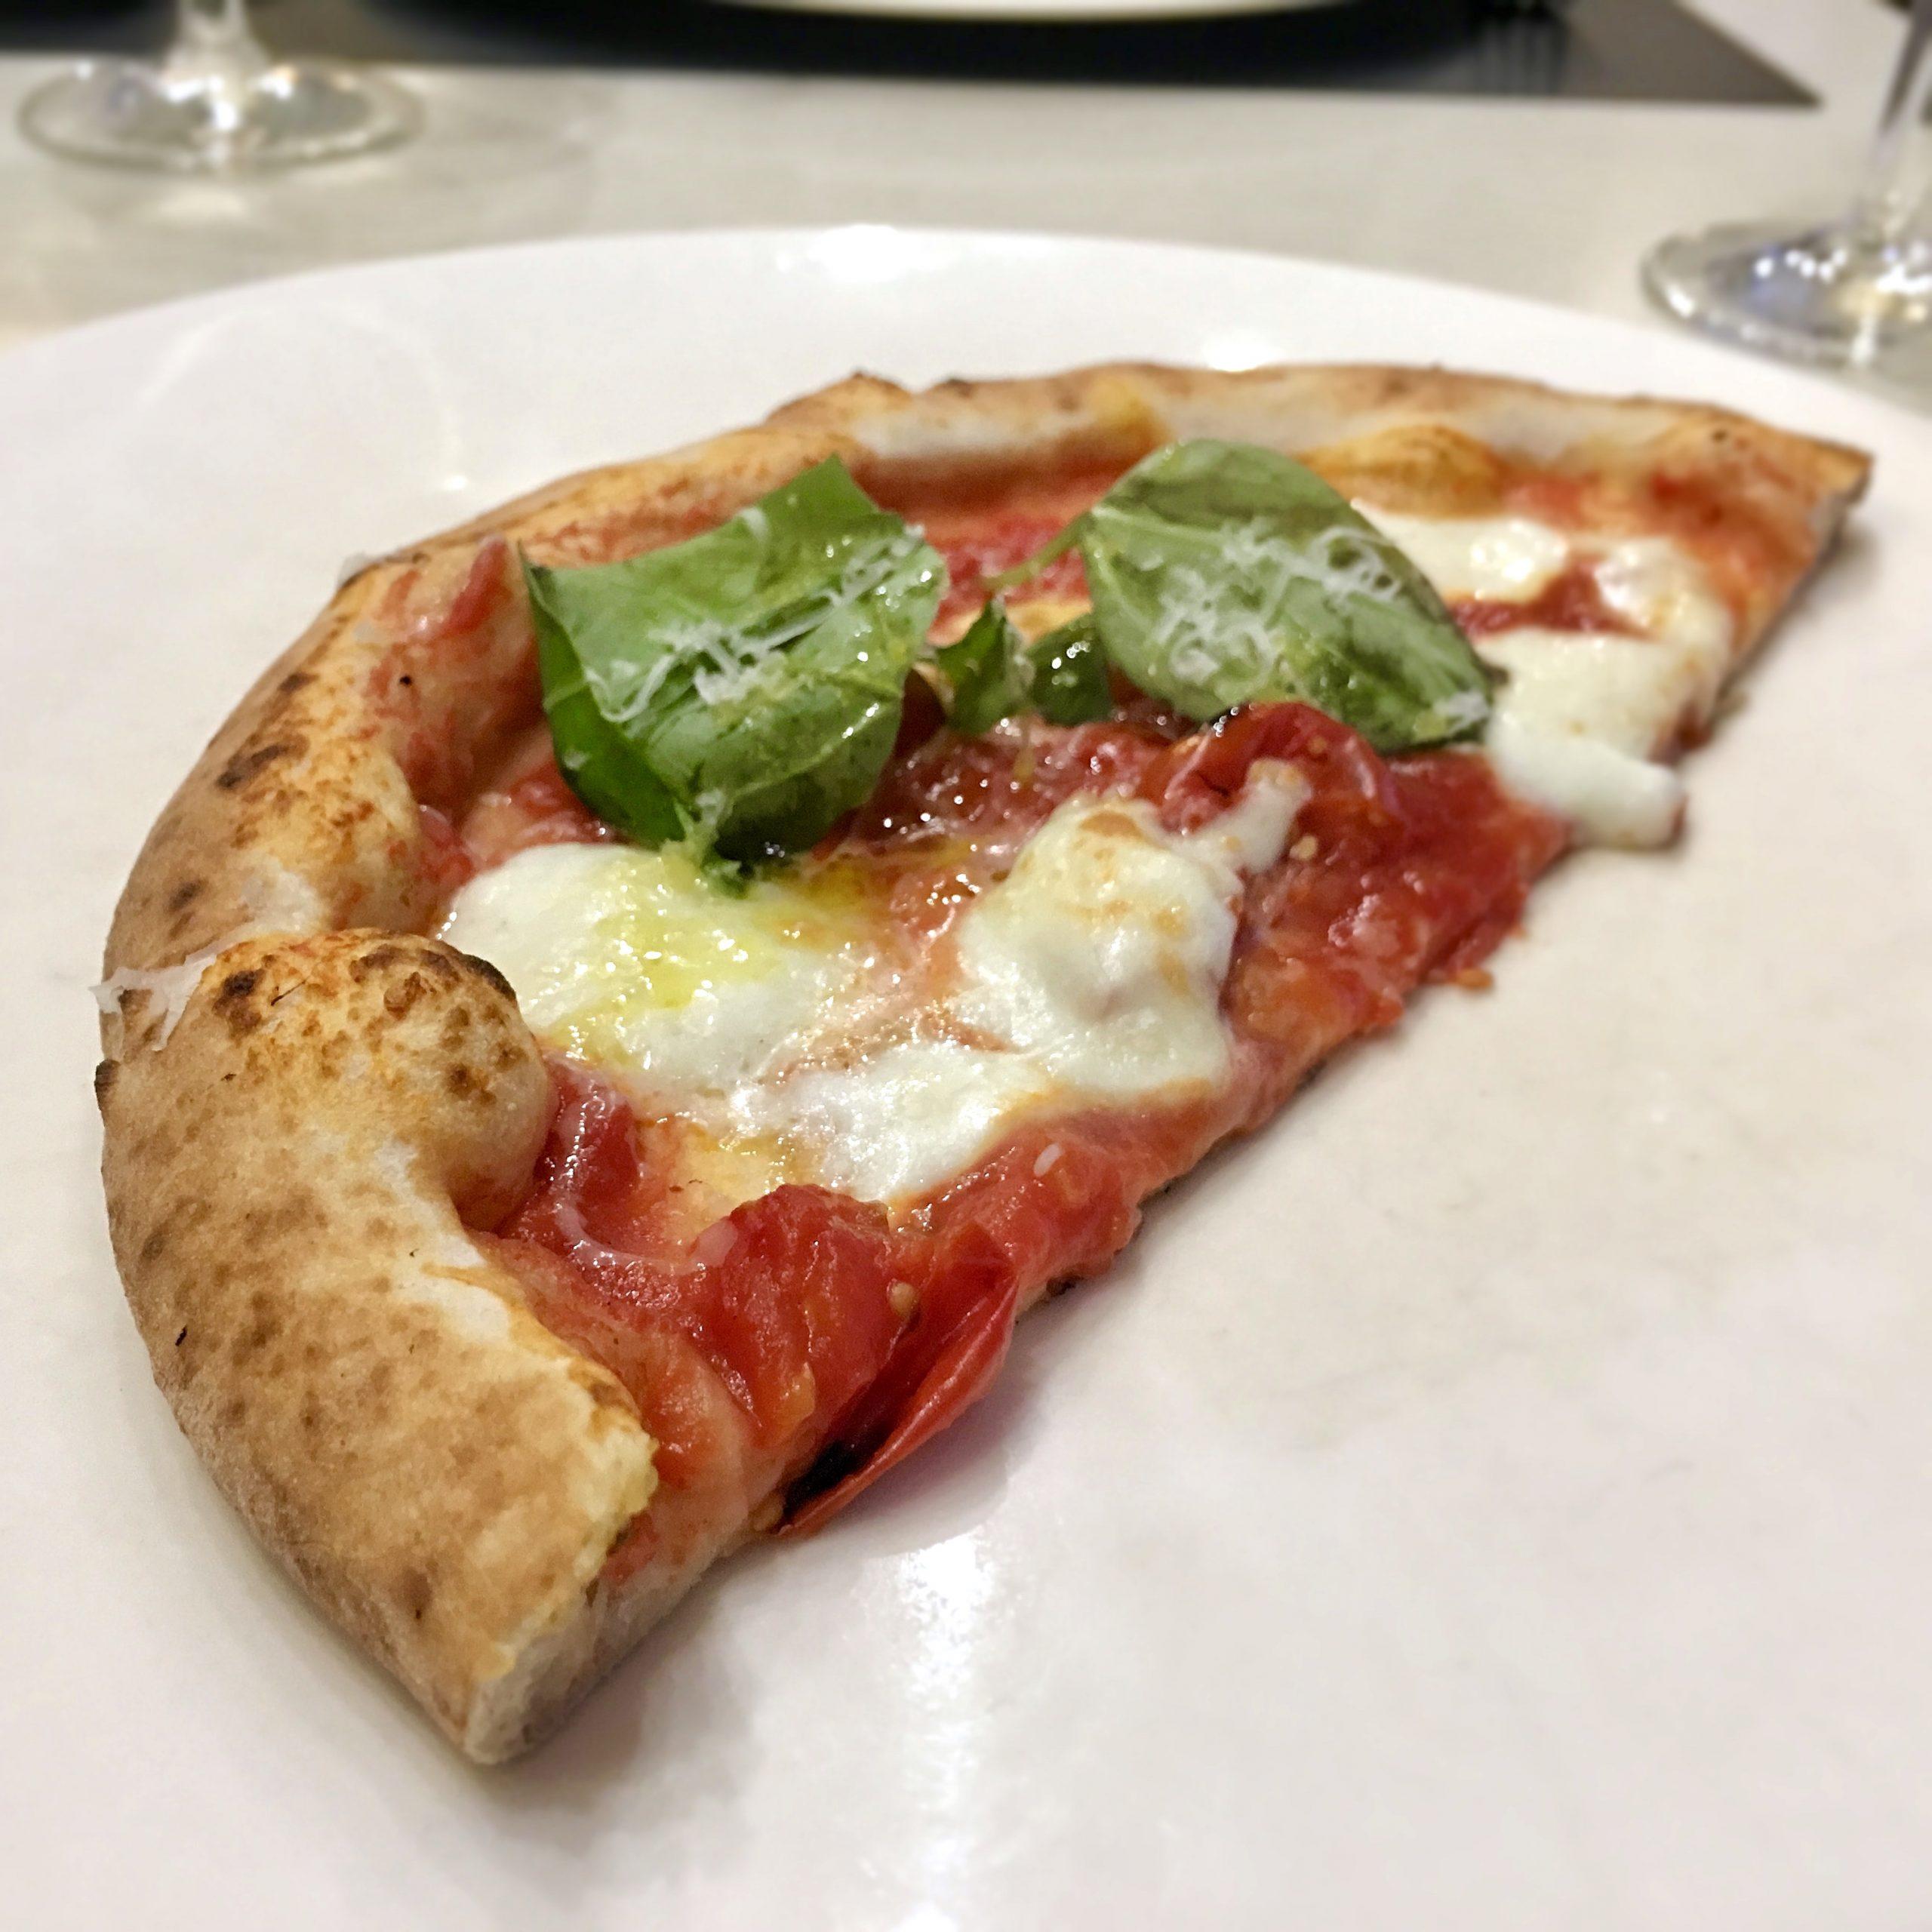 Margherita gourmet con mozzarella di bufala (Pizzeria La Notizia 94, Fuorigrotta, Napoli)